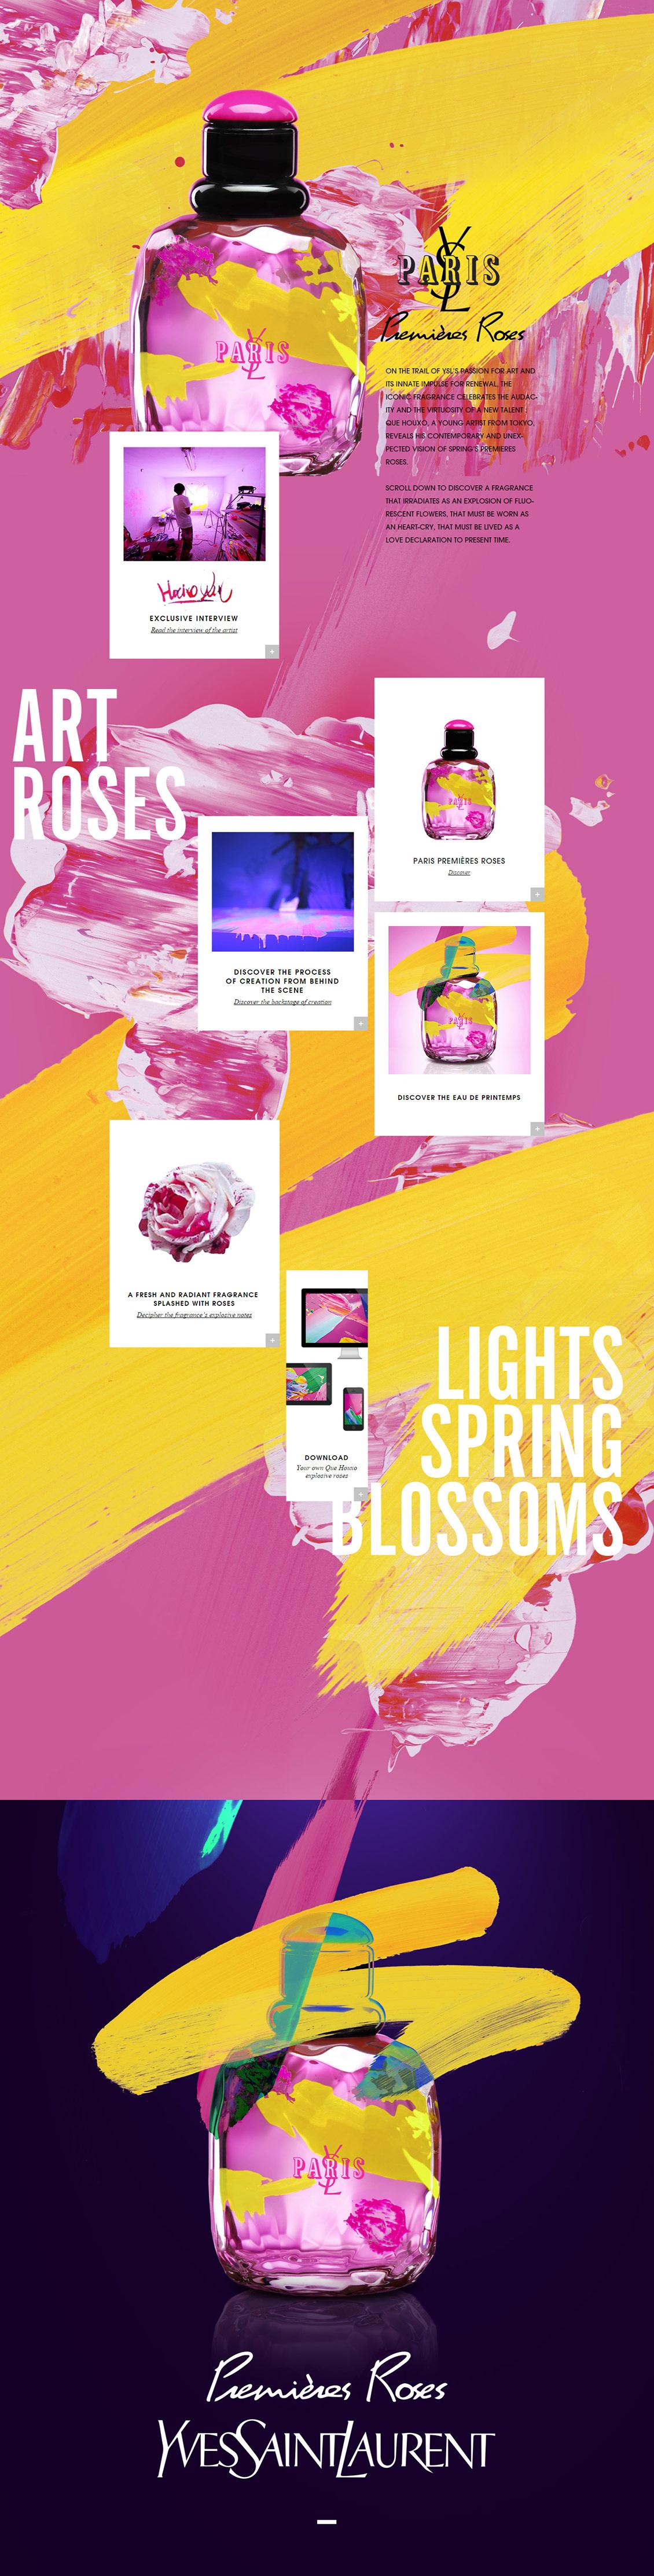 又一版国外yslbeauty化妆品专题网站设计(三)